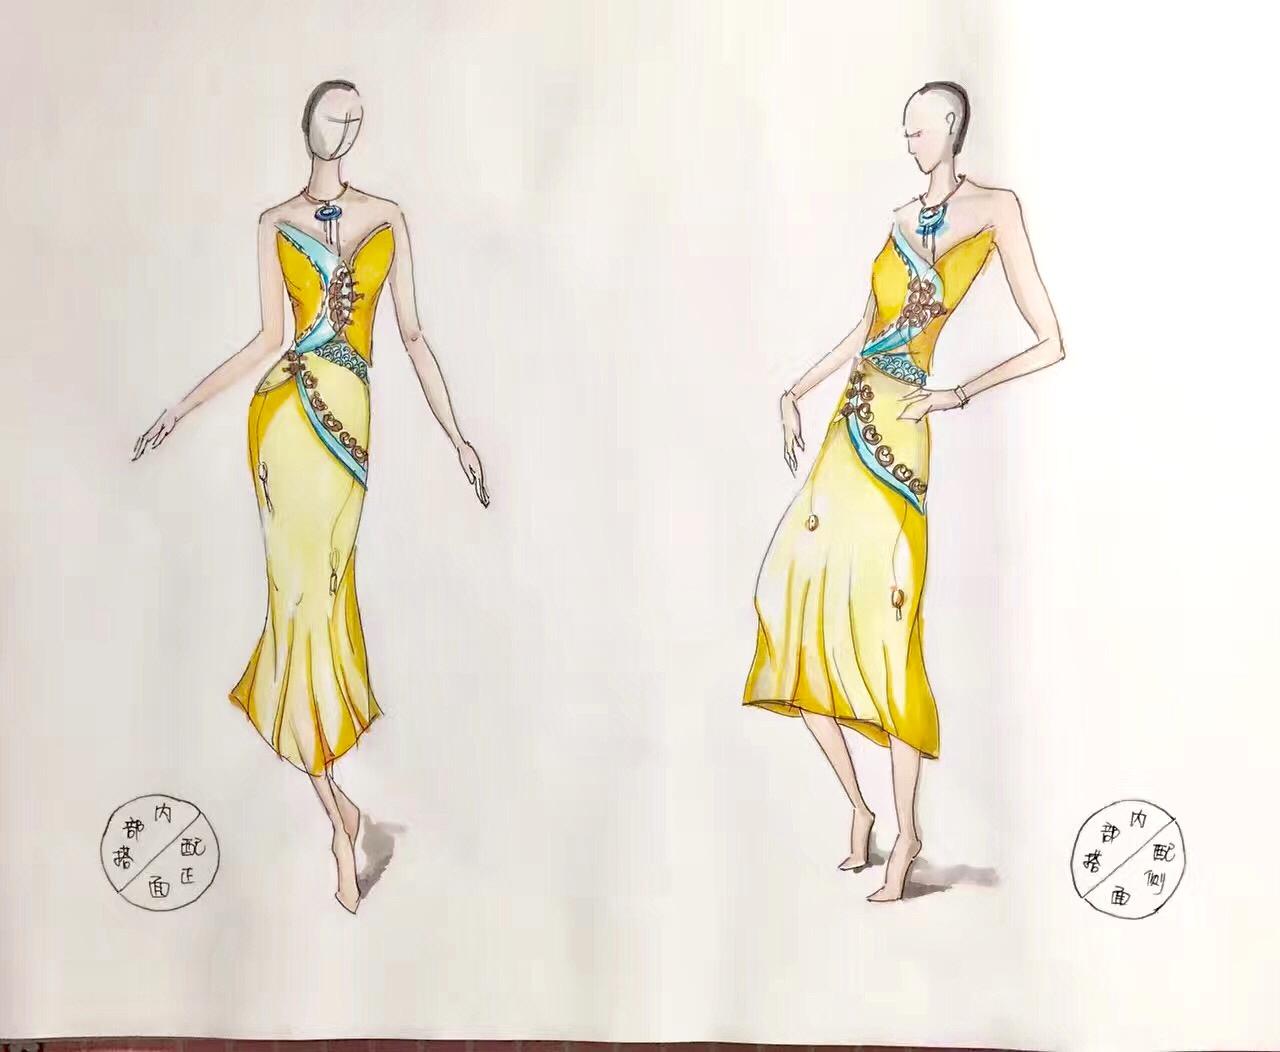 手绘传统服装